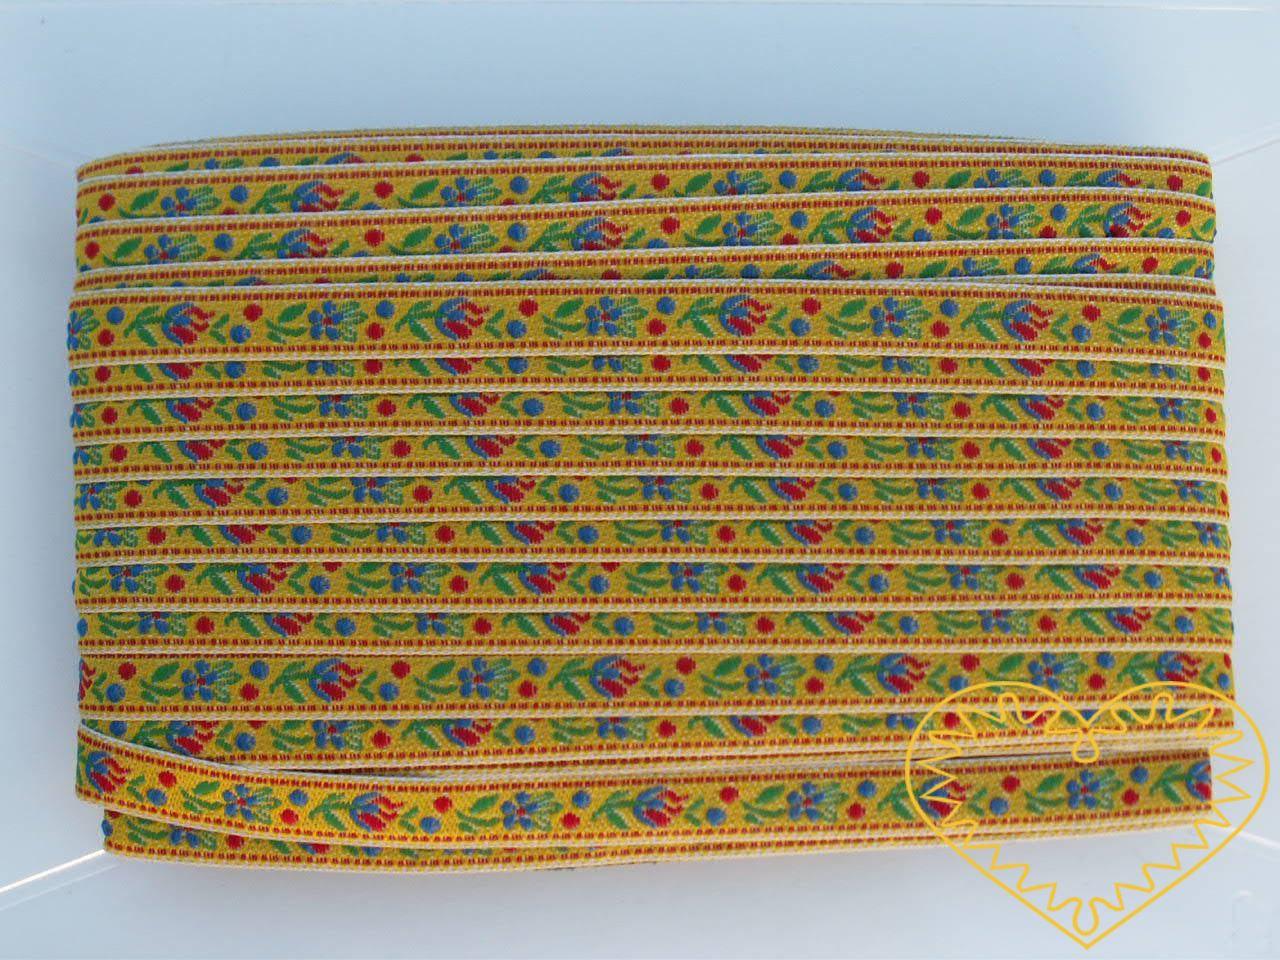 Úzká žlutá krojová stuha se vzorem - vzorovka - šíře 1 cm. Textilní tkaná stuha s jemným vzorkem je vhodná zvláště při výrobě krojů a předmětů tradiční lidové kultury. Vhodná též k lemování tkanin a šatů panenek a maňásků.